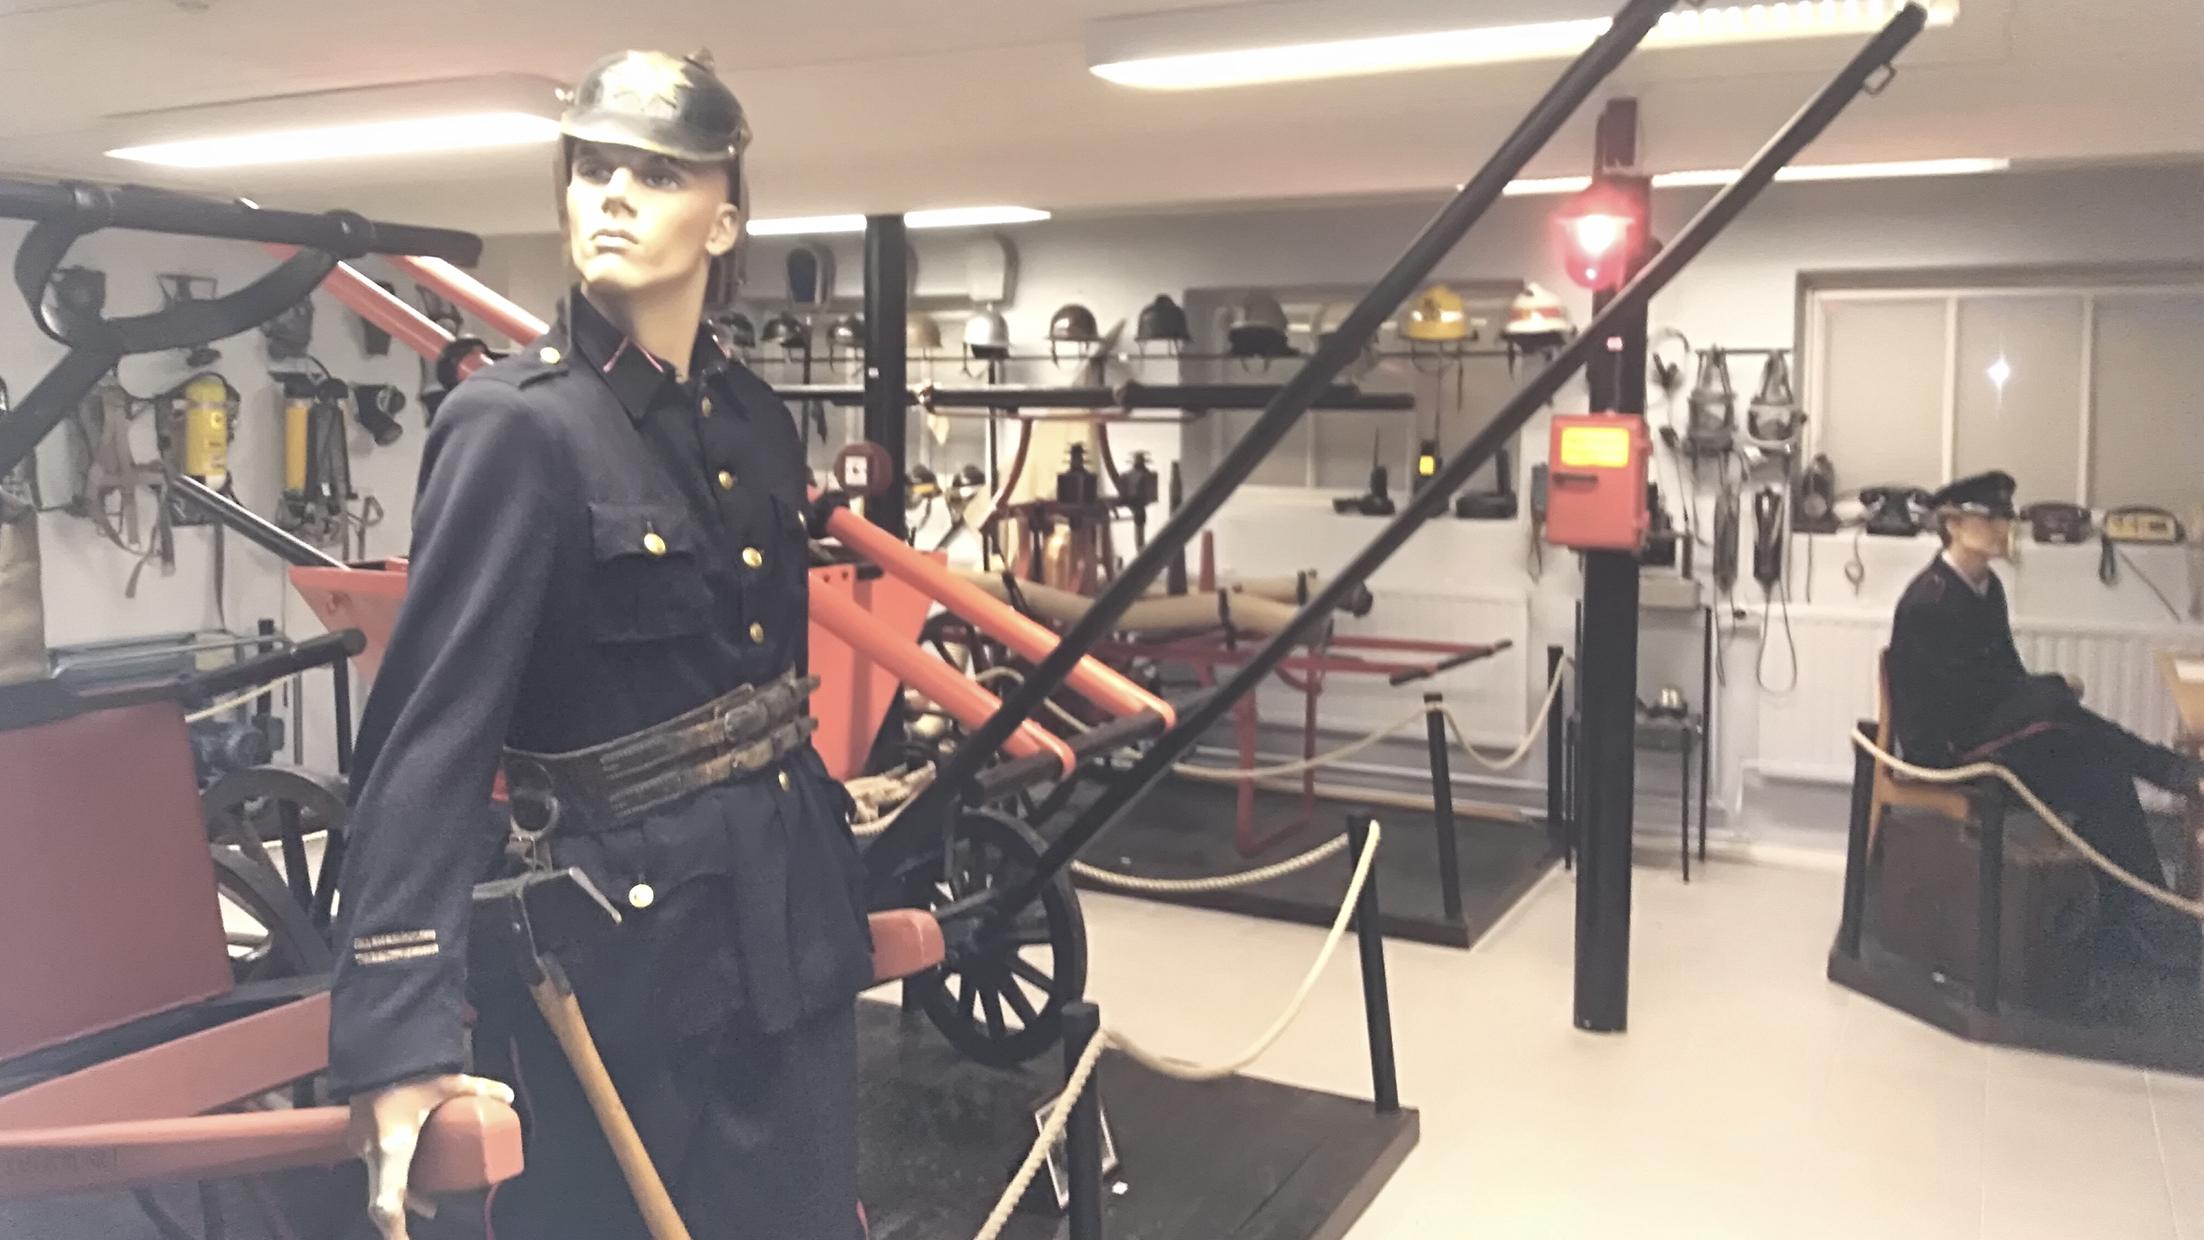 Interiööri, jossa vanhoja palotarvikkeita ja palomiehiksi puettuja mallinukkeja.